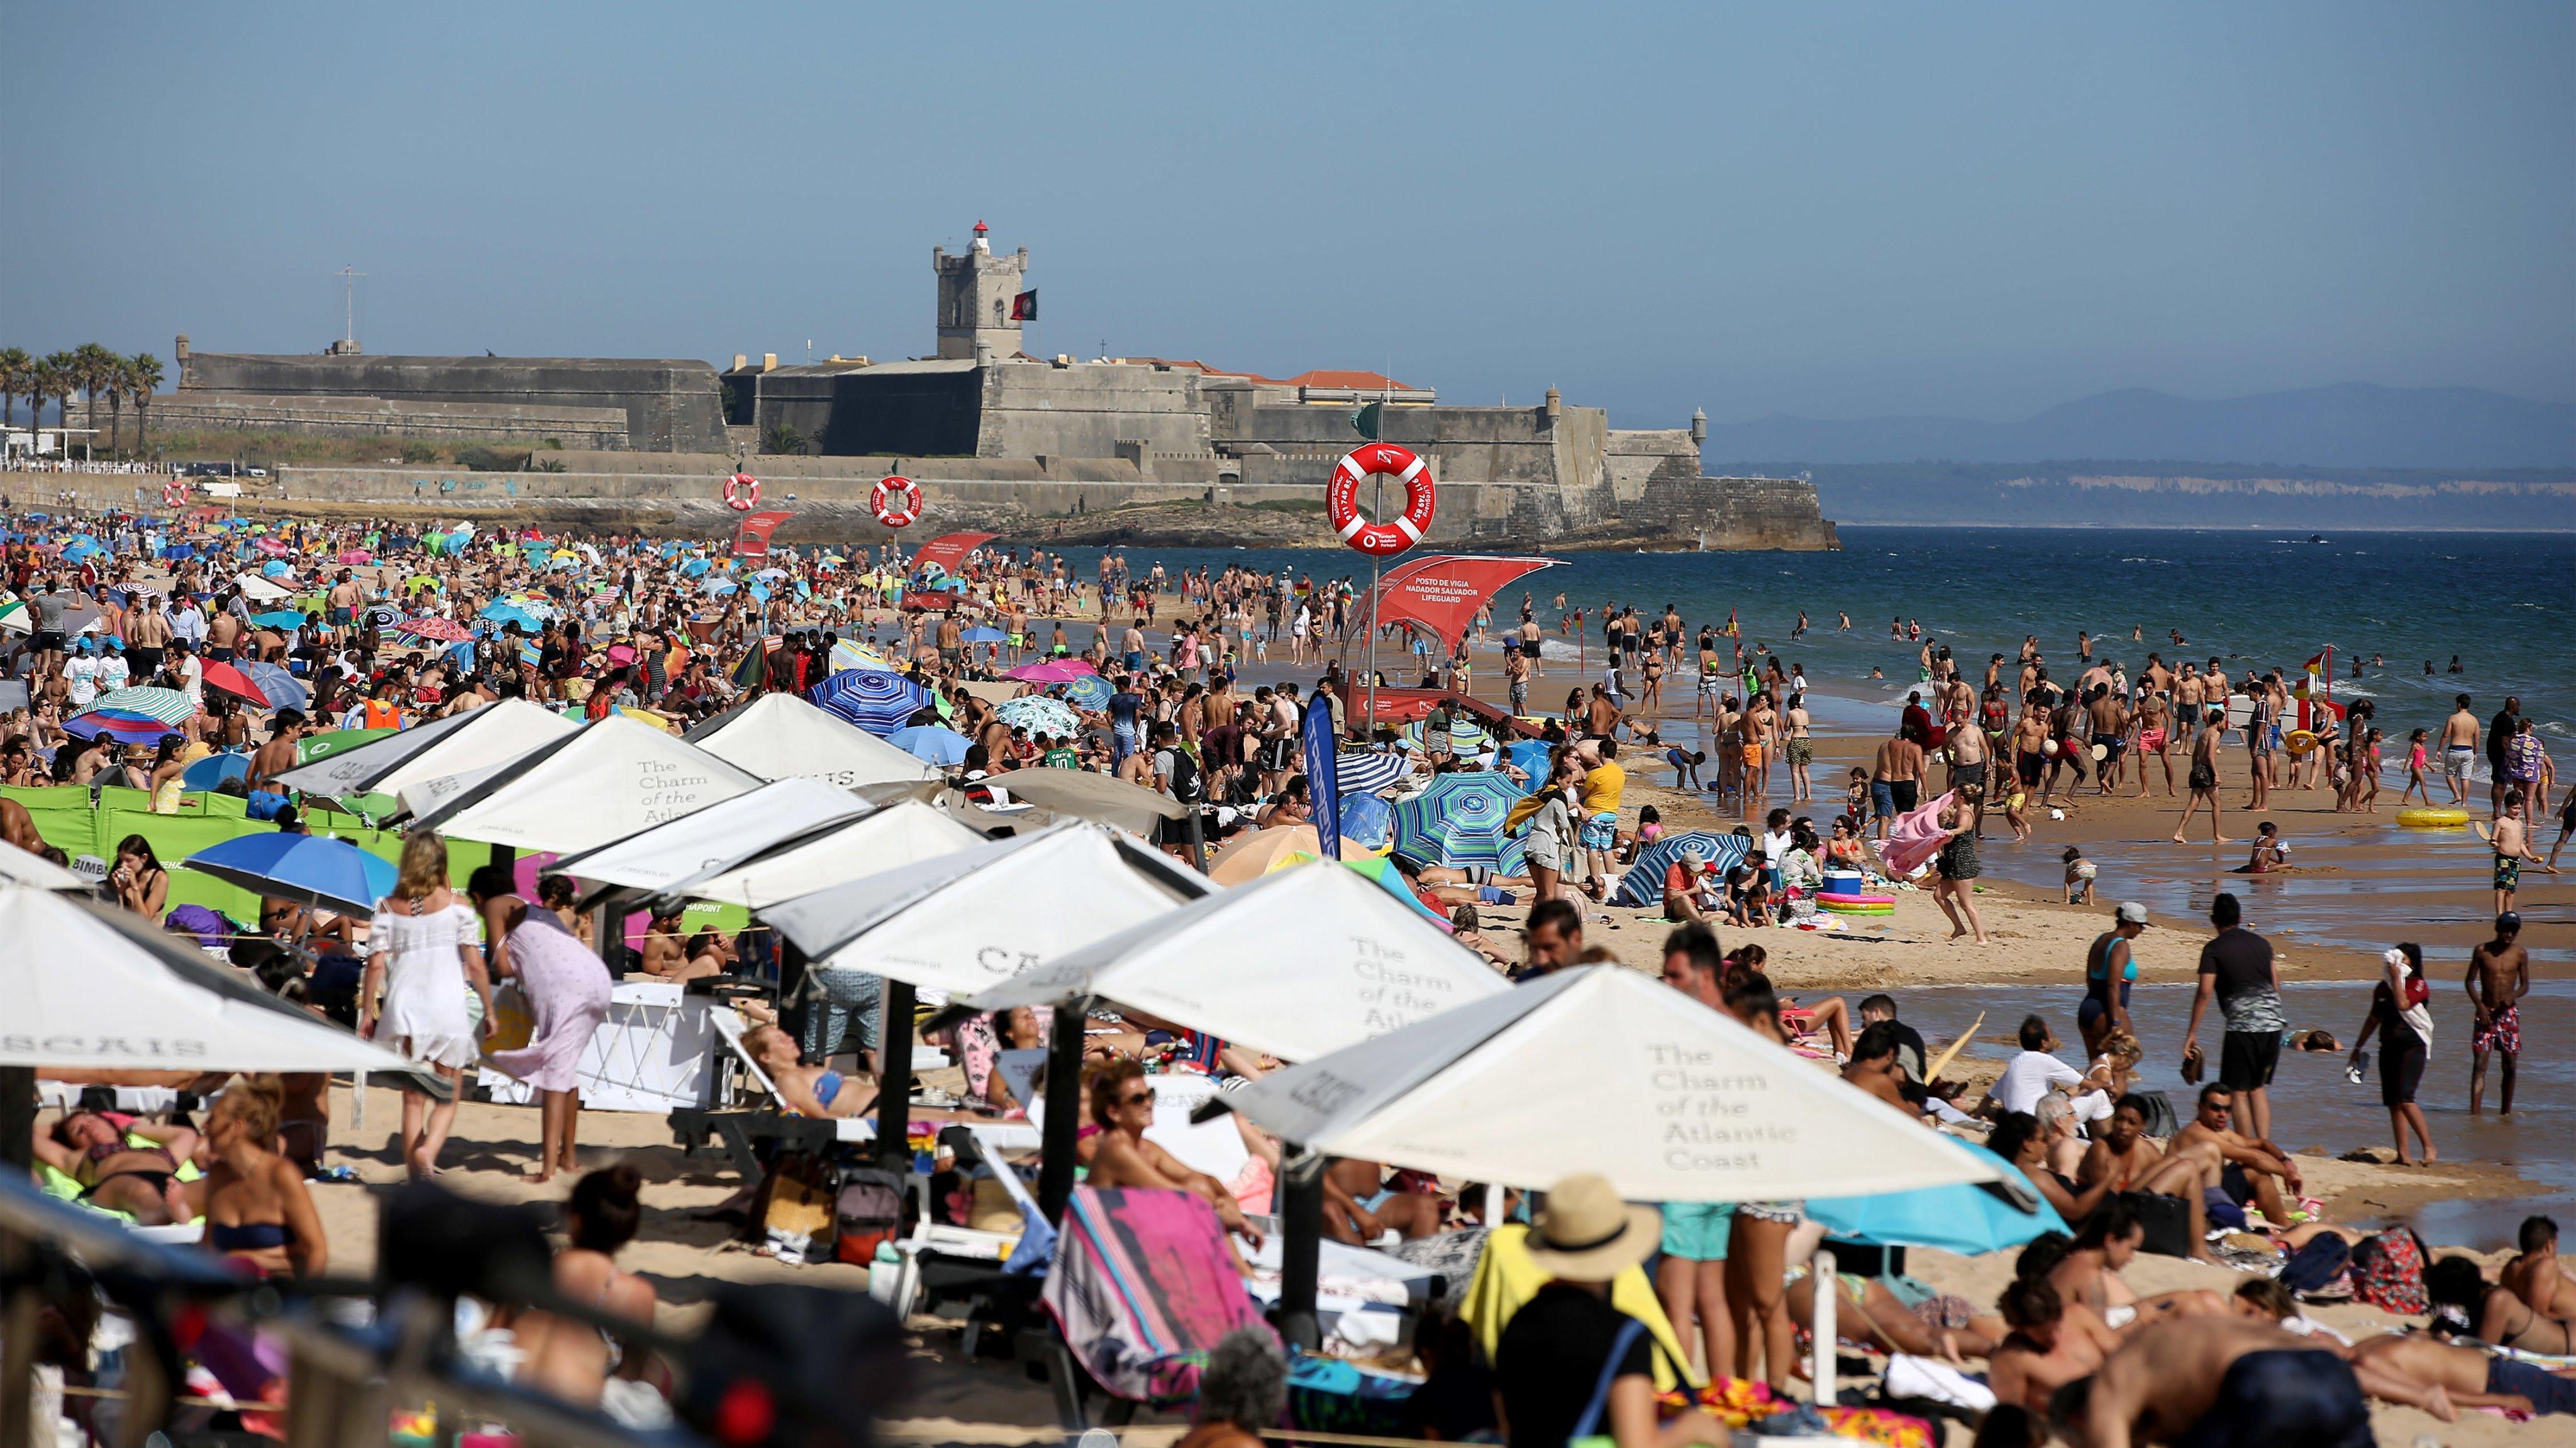 Beachgoers crowd beaches near Lisbon amid COVID-19 pandemic